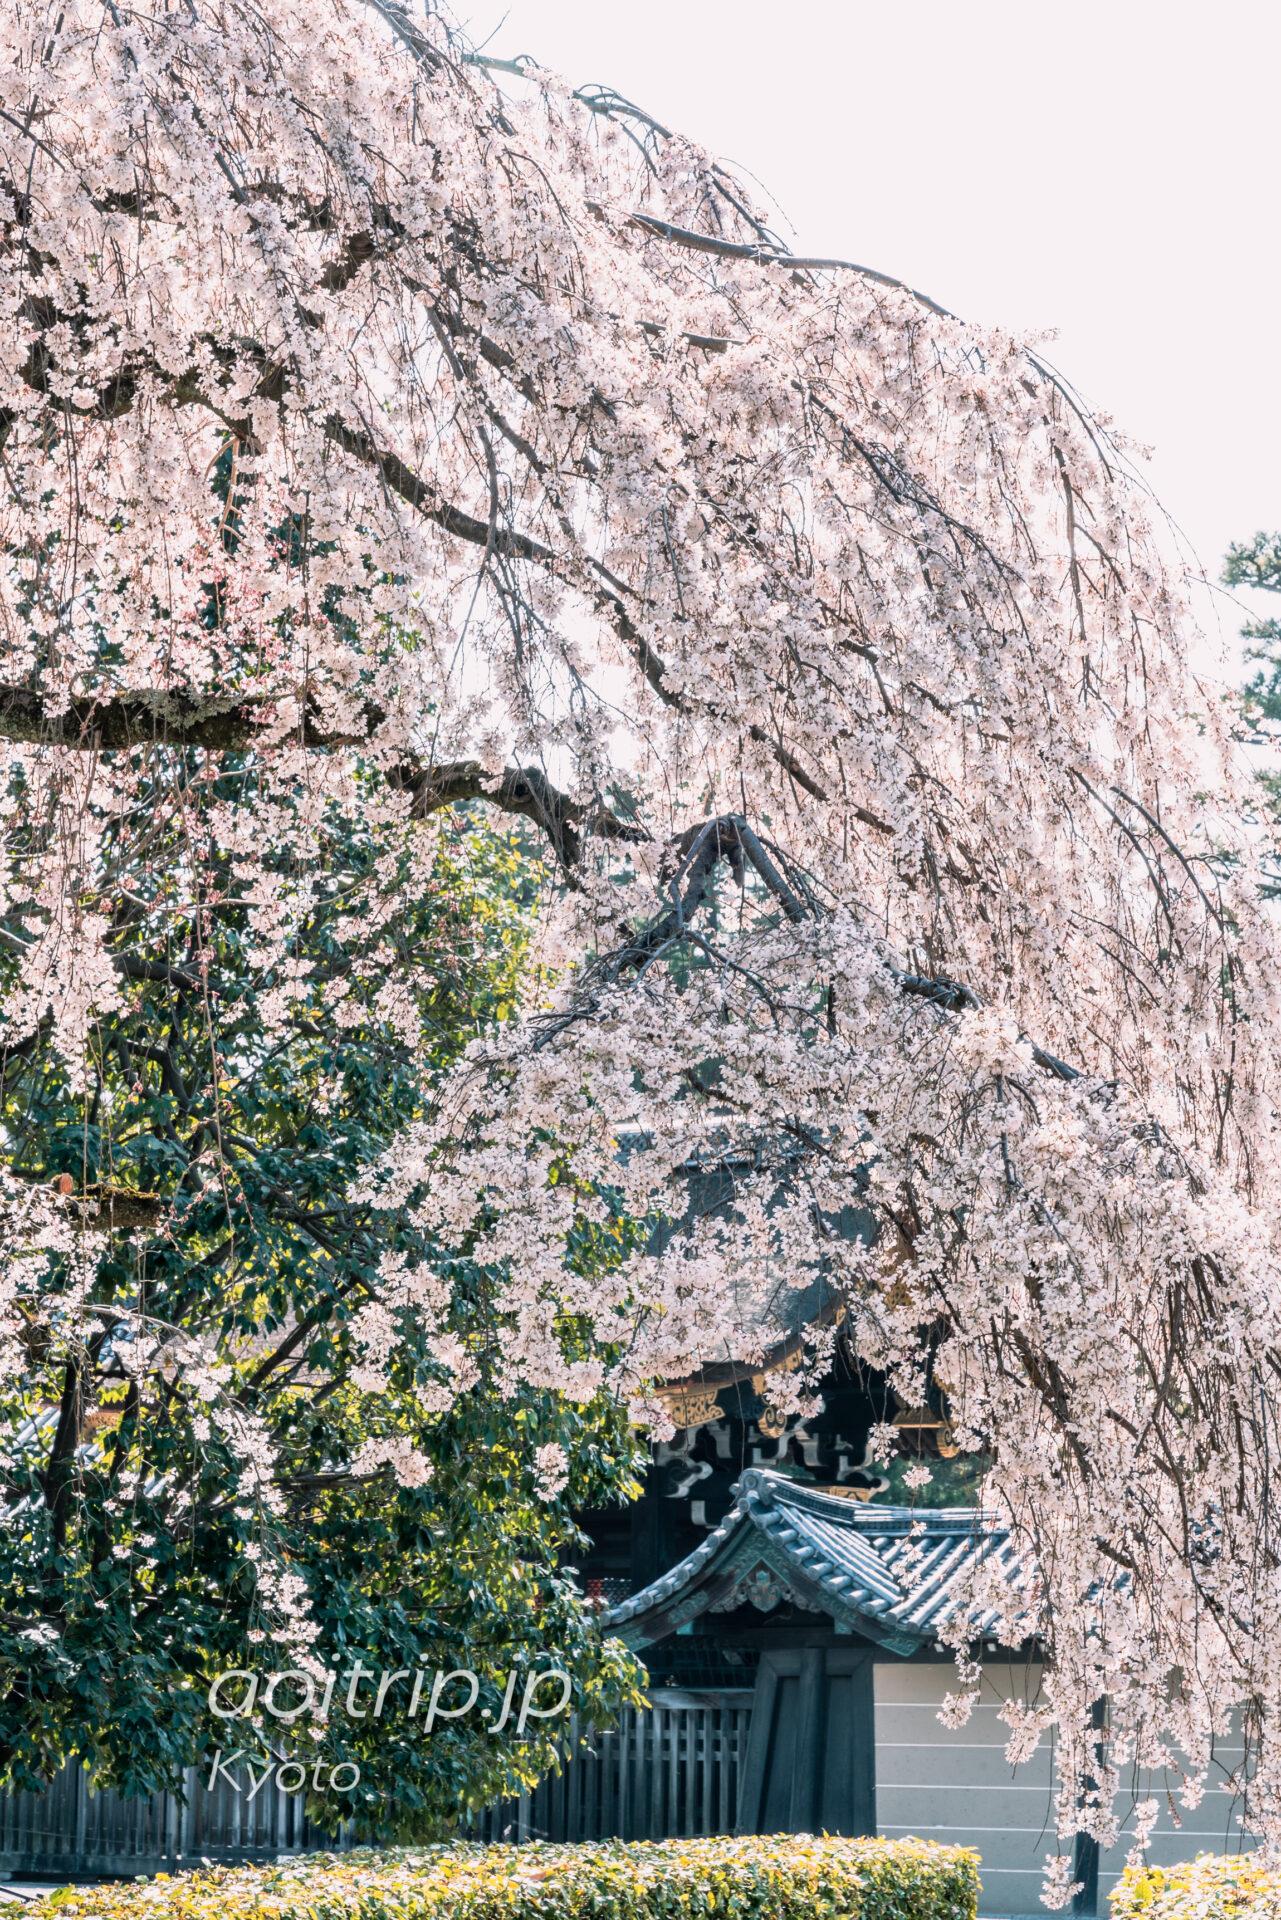 京都御所 近衛邸跡の枝垂れ桜